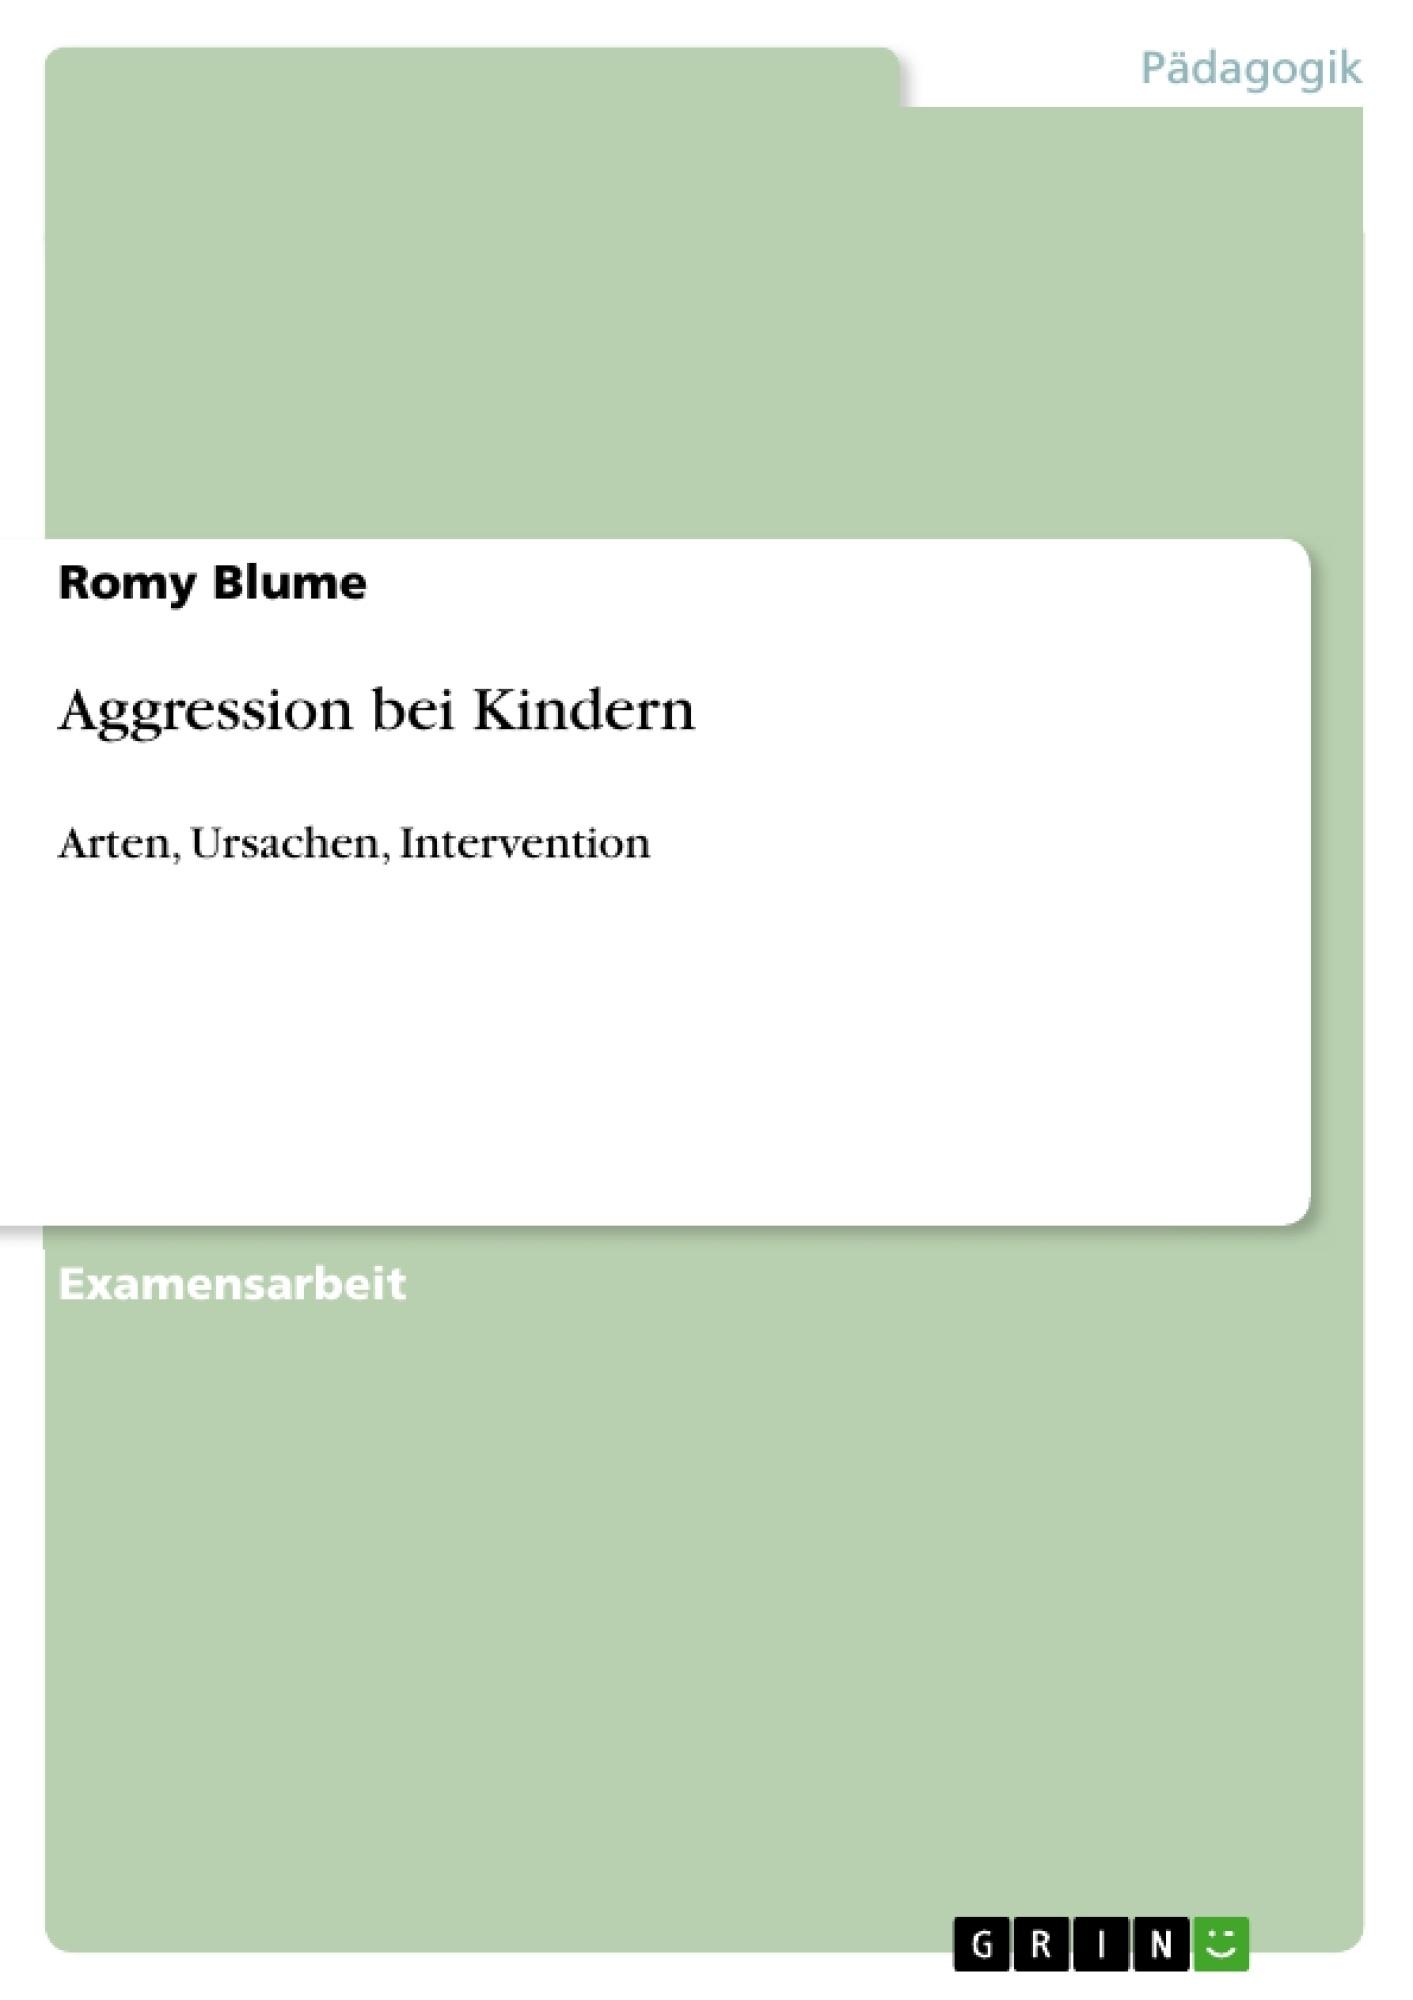 Aggression bei Kindern | Diplomarbeiten24.de